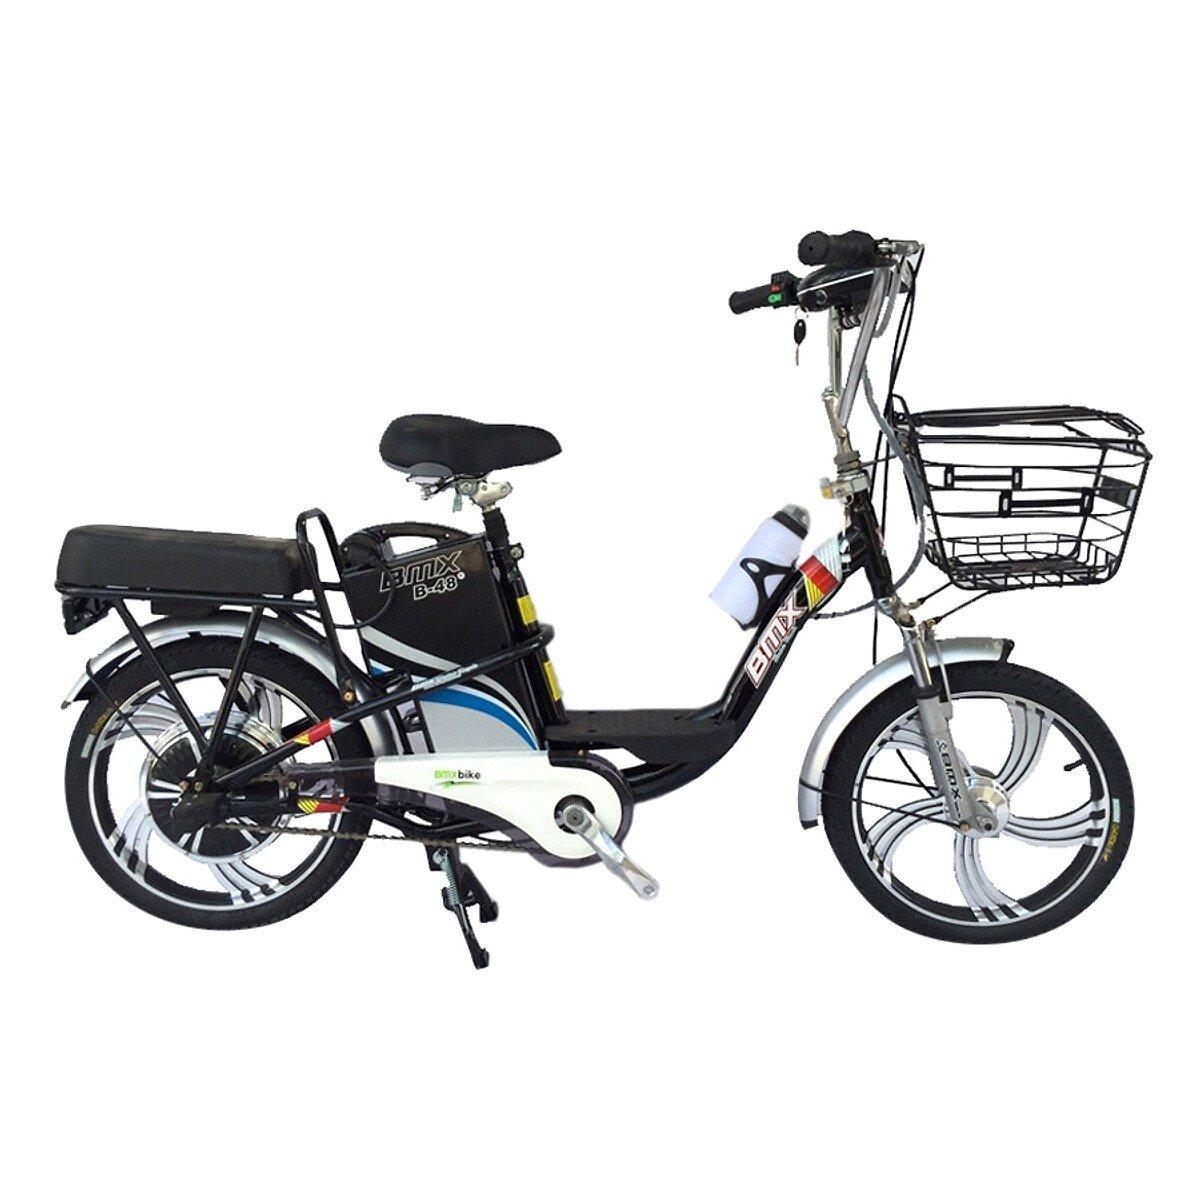 Một trong những xe đạp điện mới nhất hiện nay nên mua